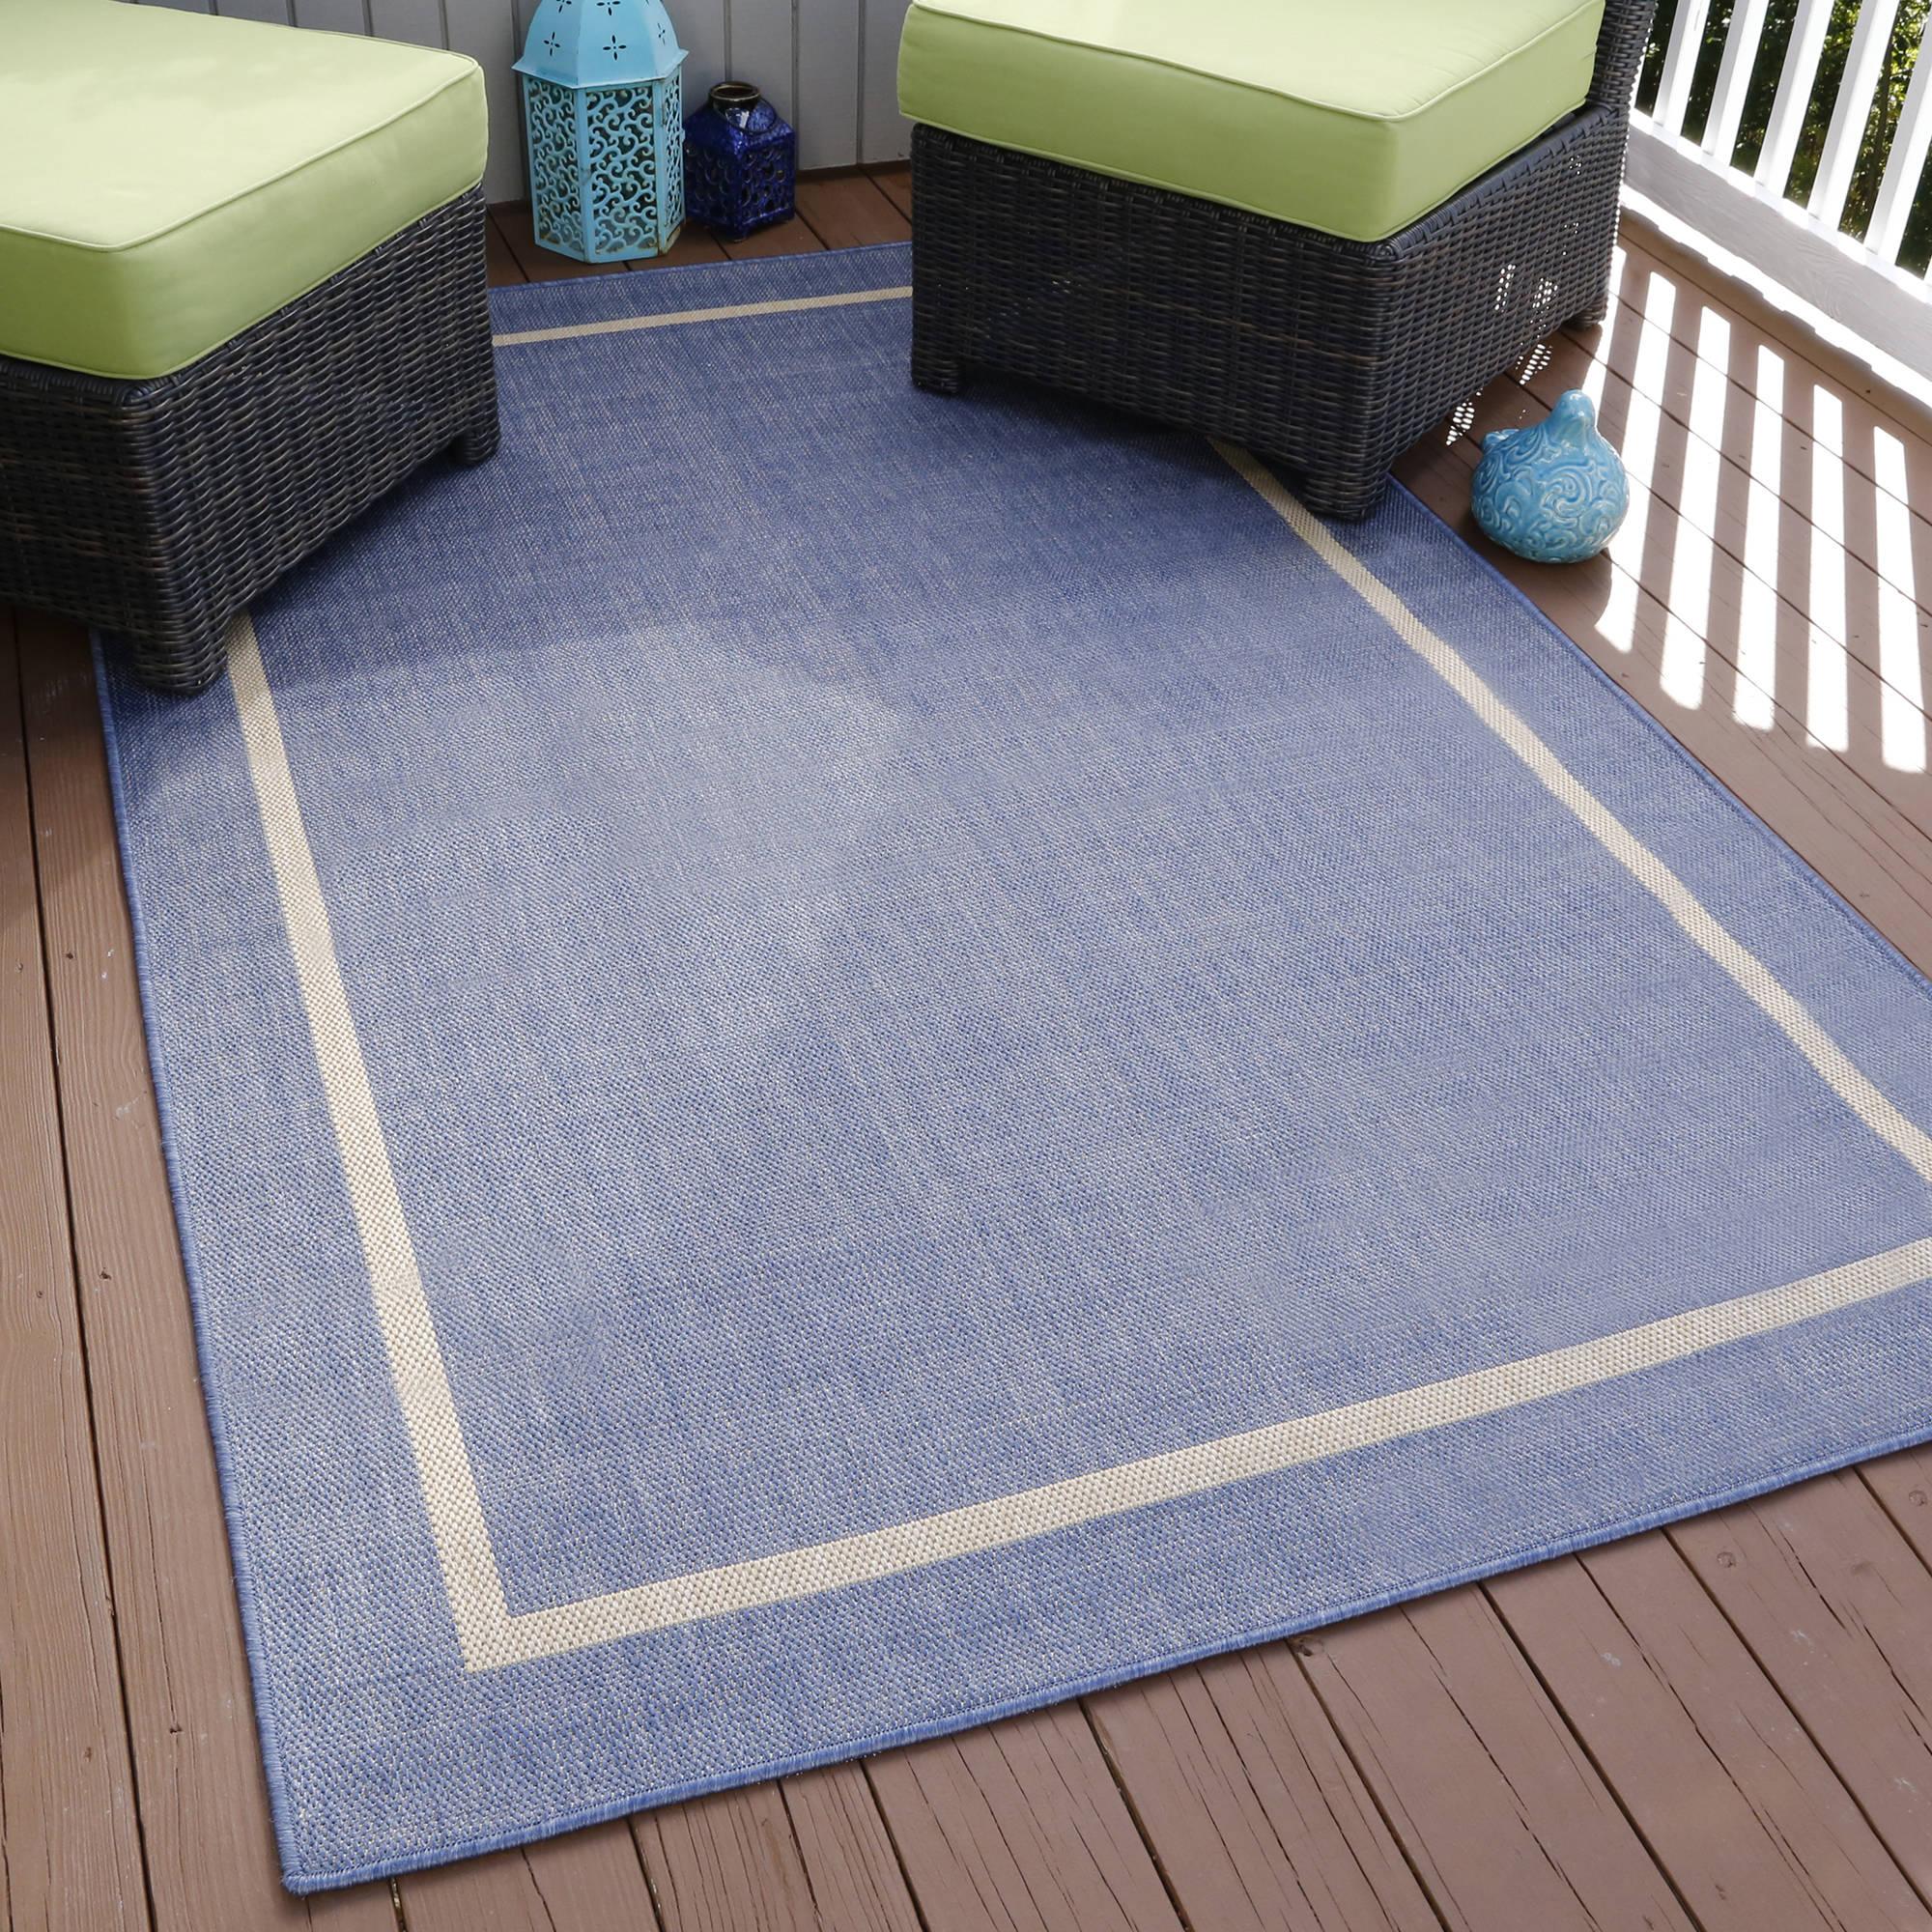 Somerset Home Border Indoor Outdoor Area Rug Blue 5 X 7